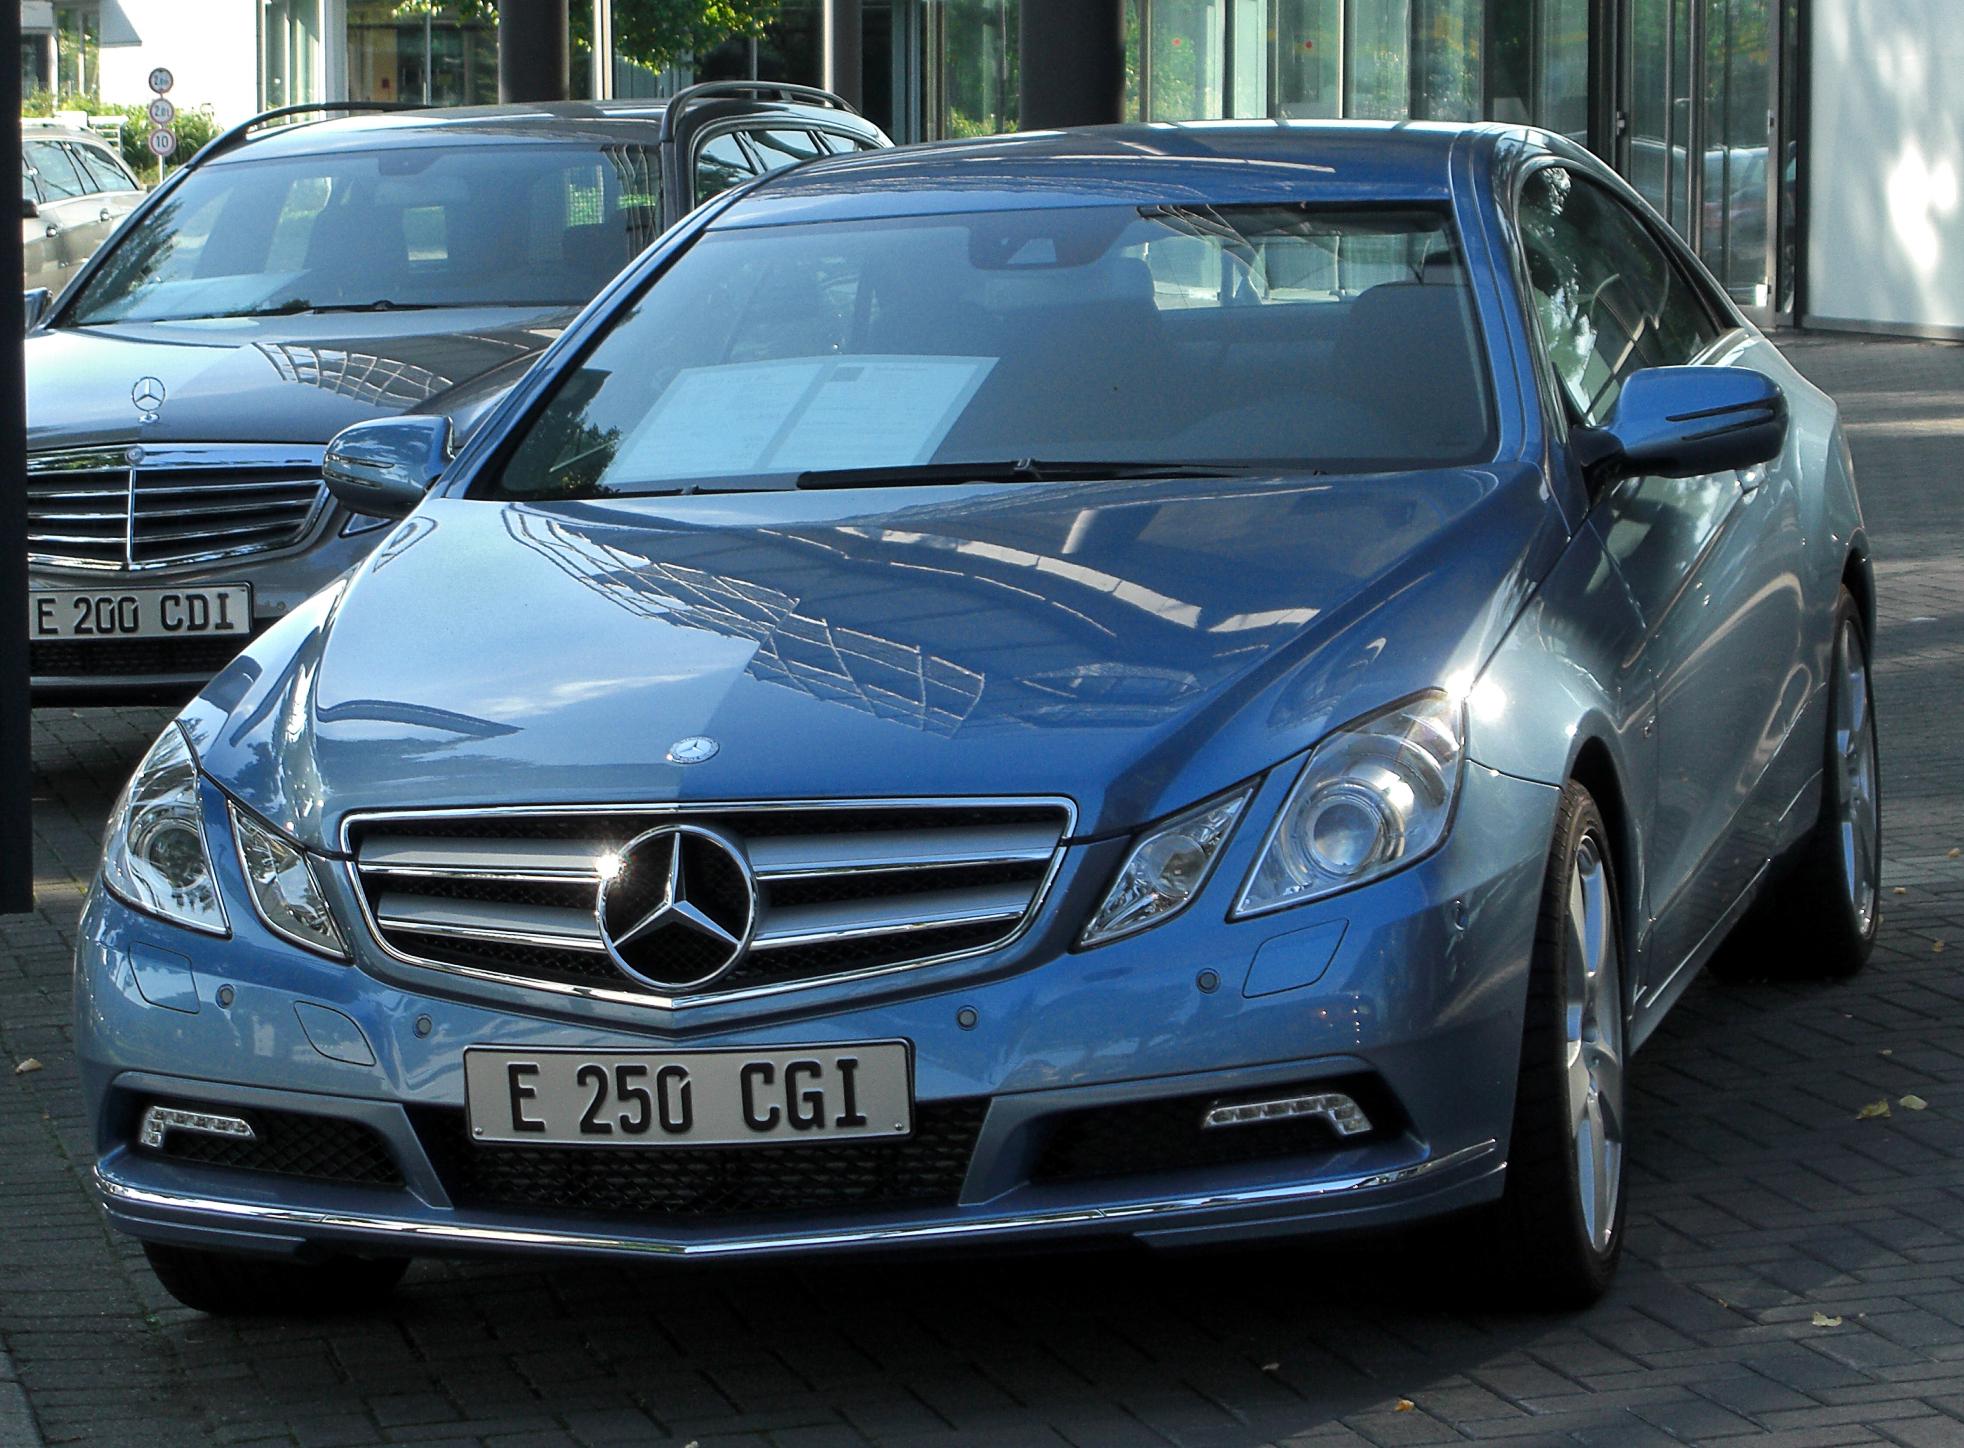 Mercedes-Benz E 250 CGI HD Wallpaper